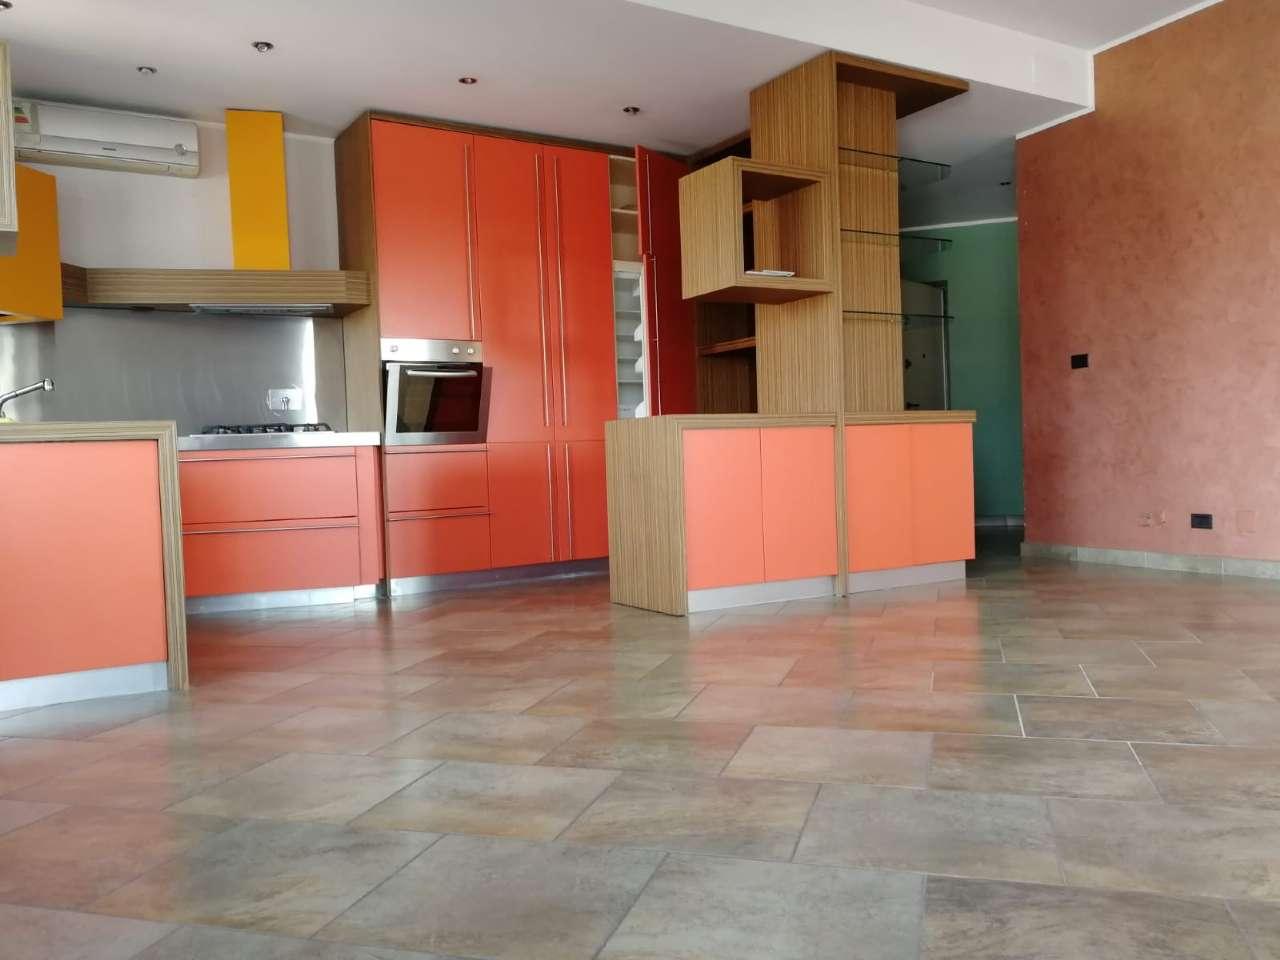 Appartamento in affitto a Torino, 4 locali, zona San Donato, Cit Turin, Campidoglio,, prezzo € 1.200 | PortaleAgenzieImmobiliari.it